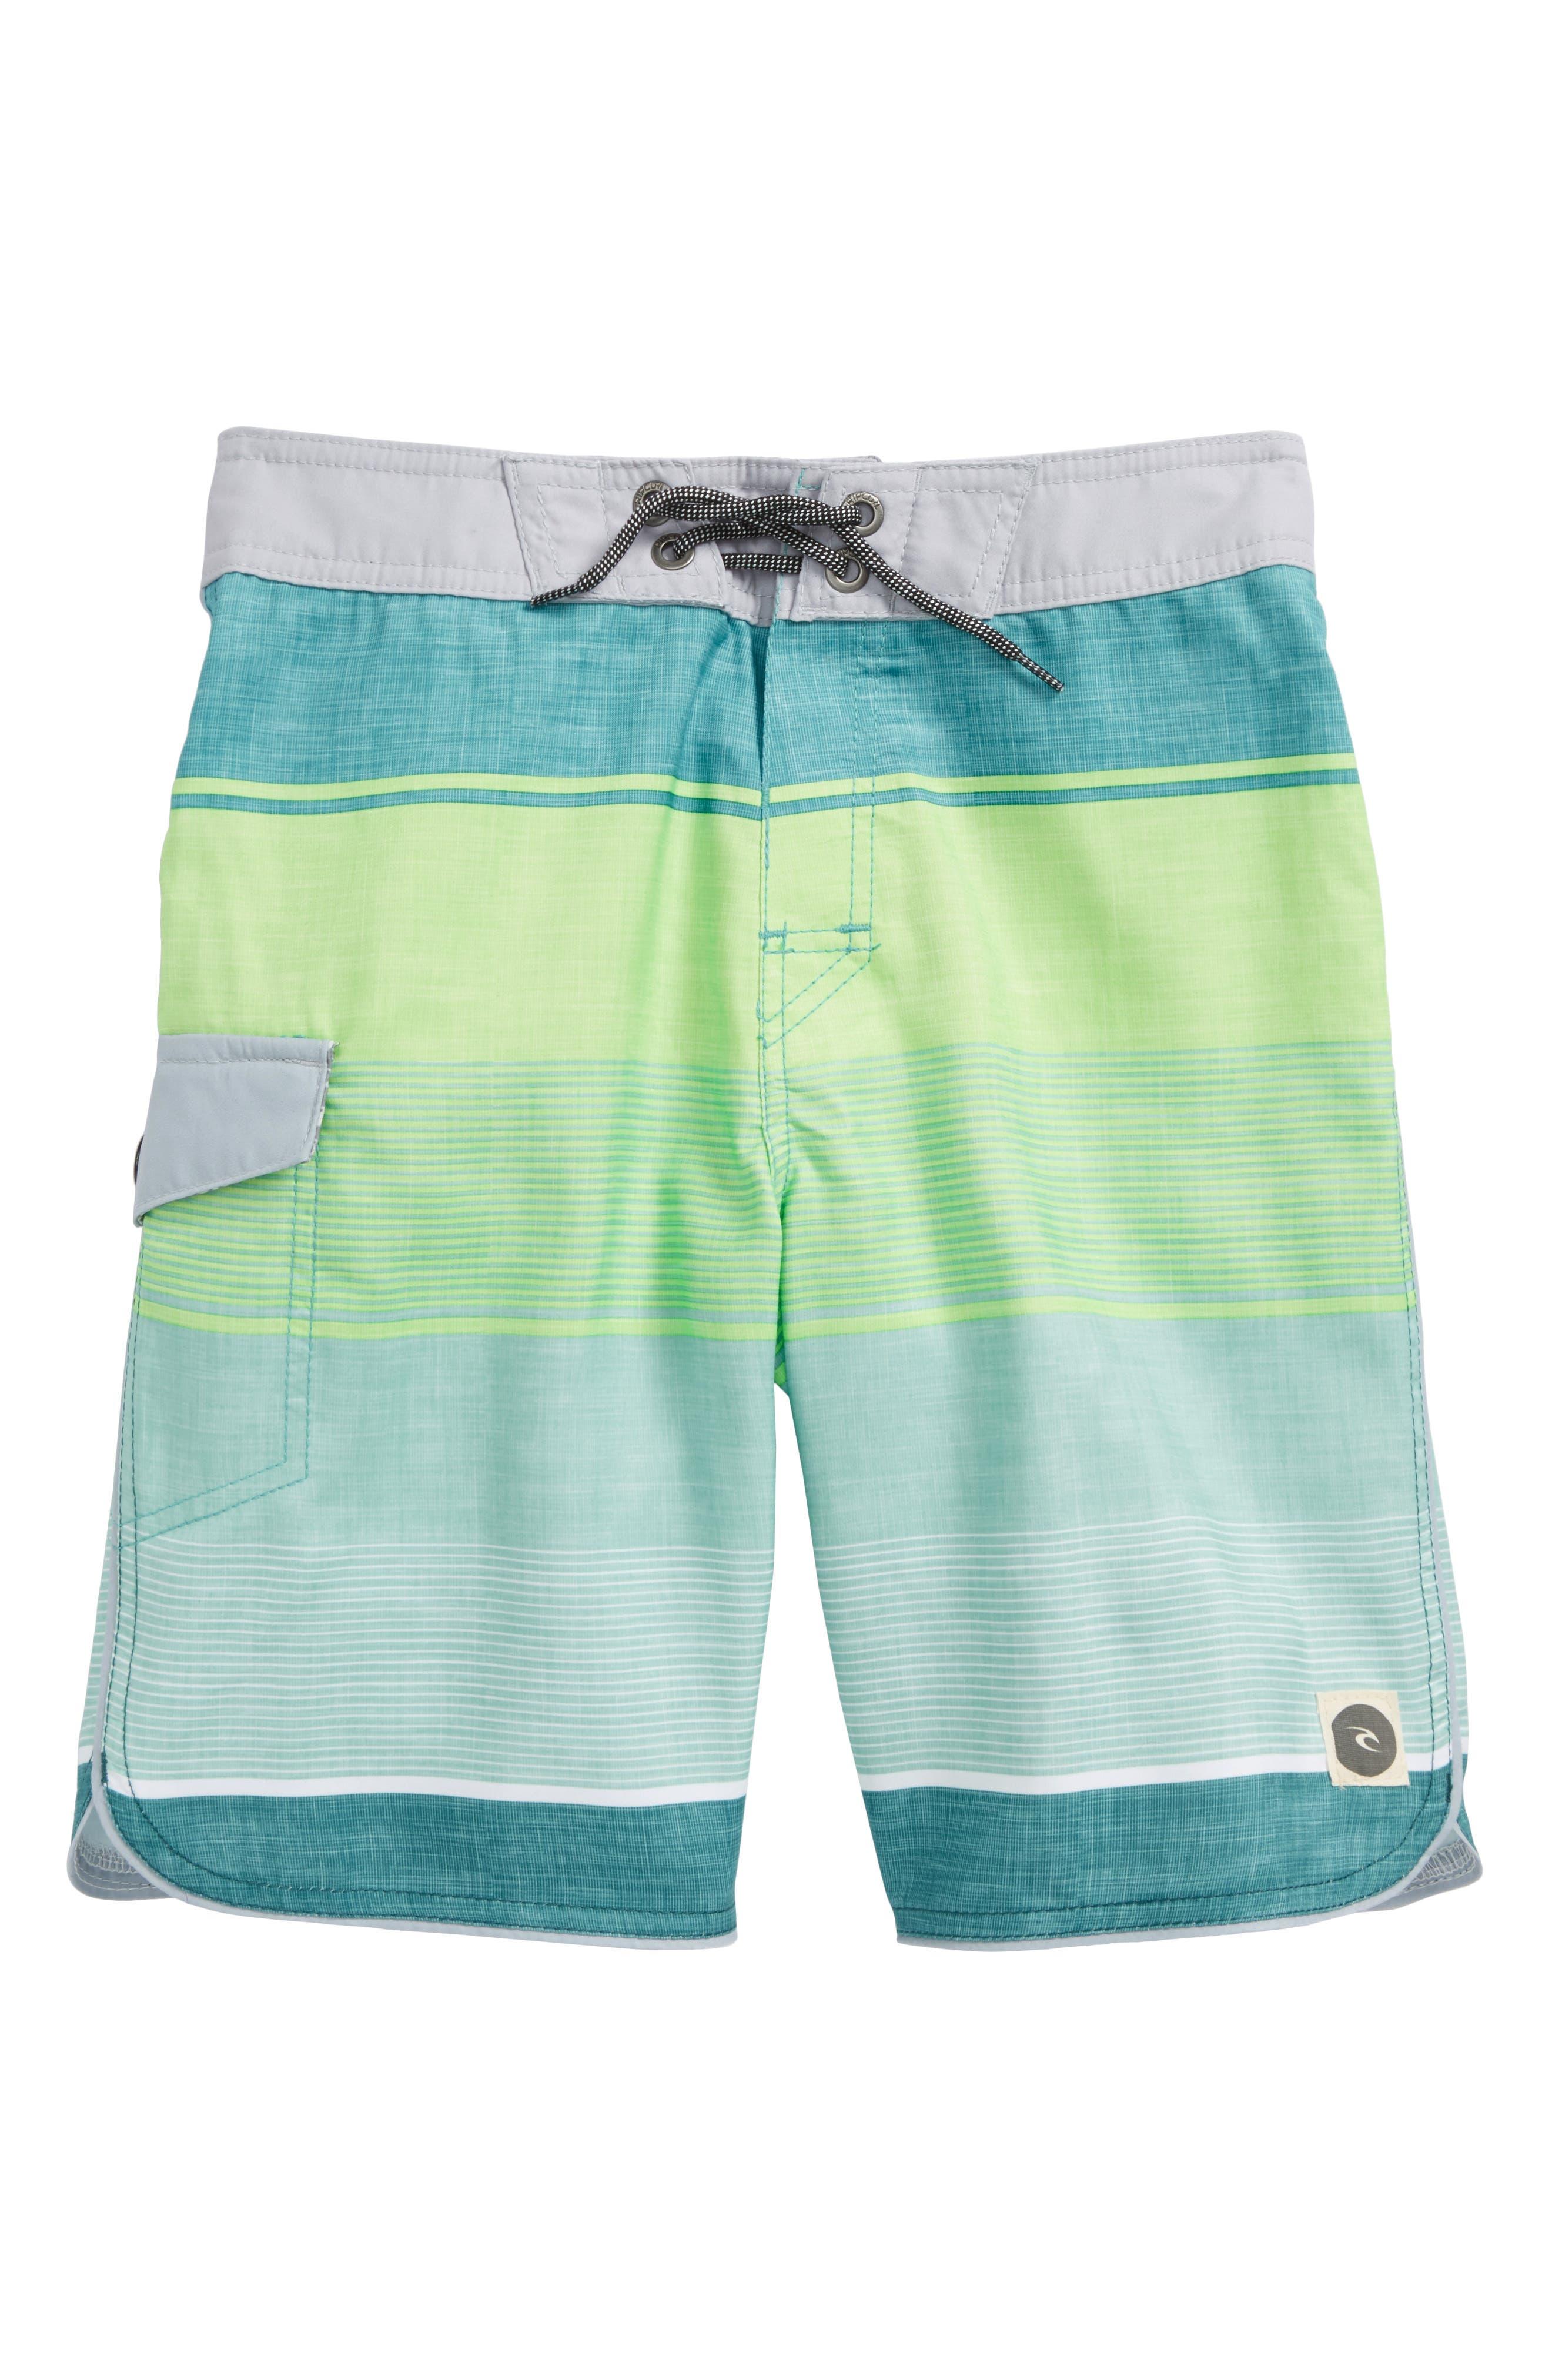 Good Vibes Board Shorts,                         Main,                         color, 300